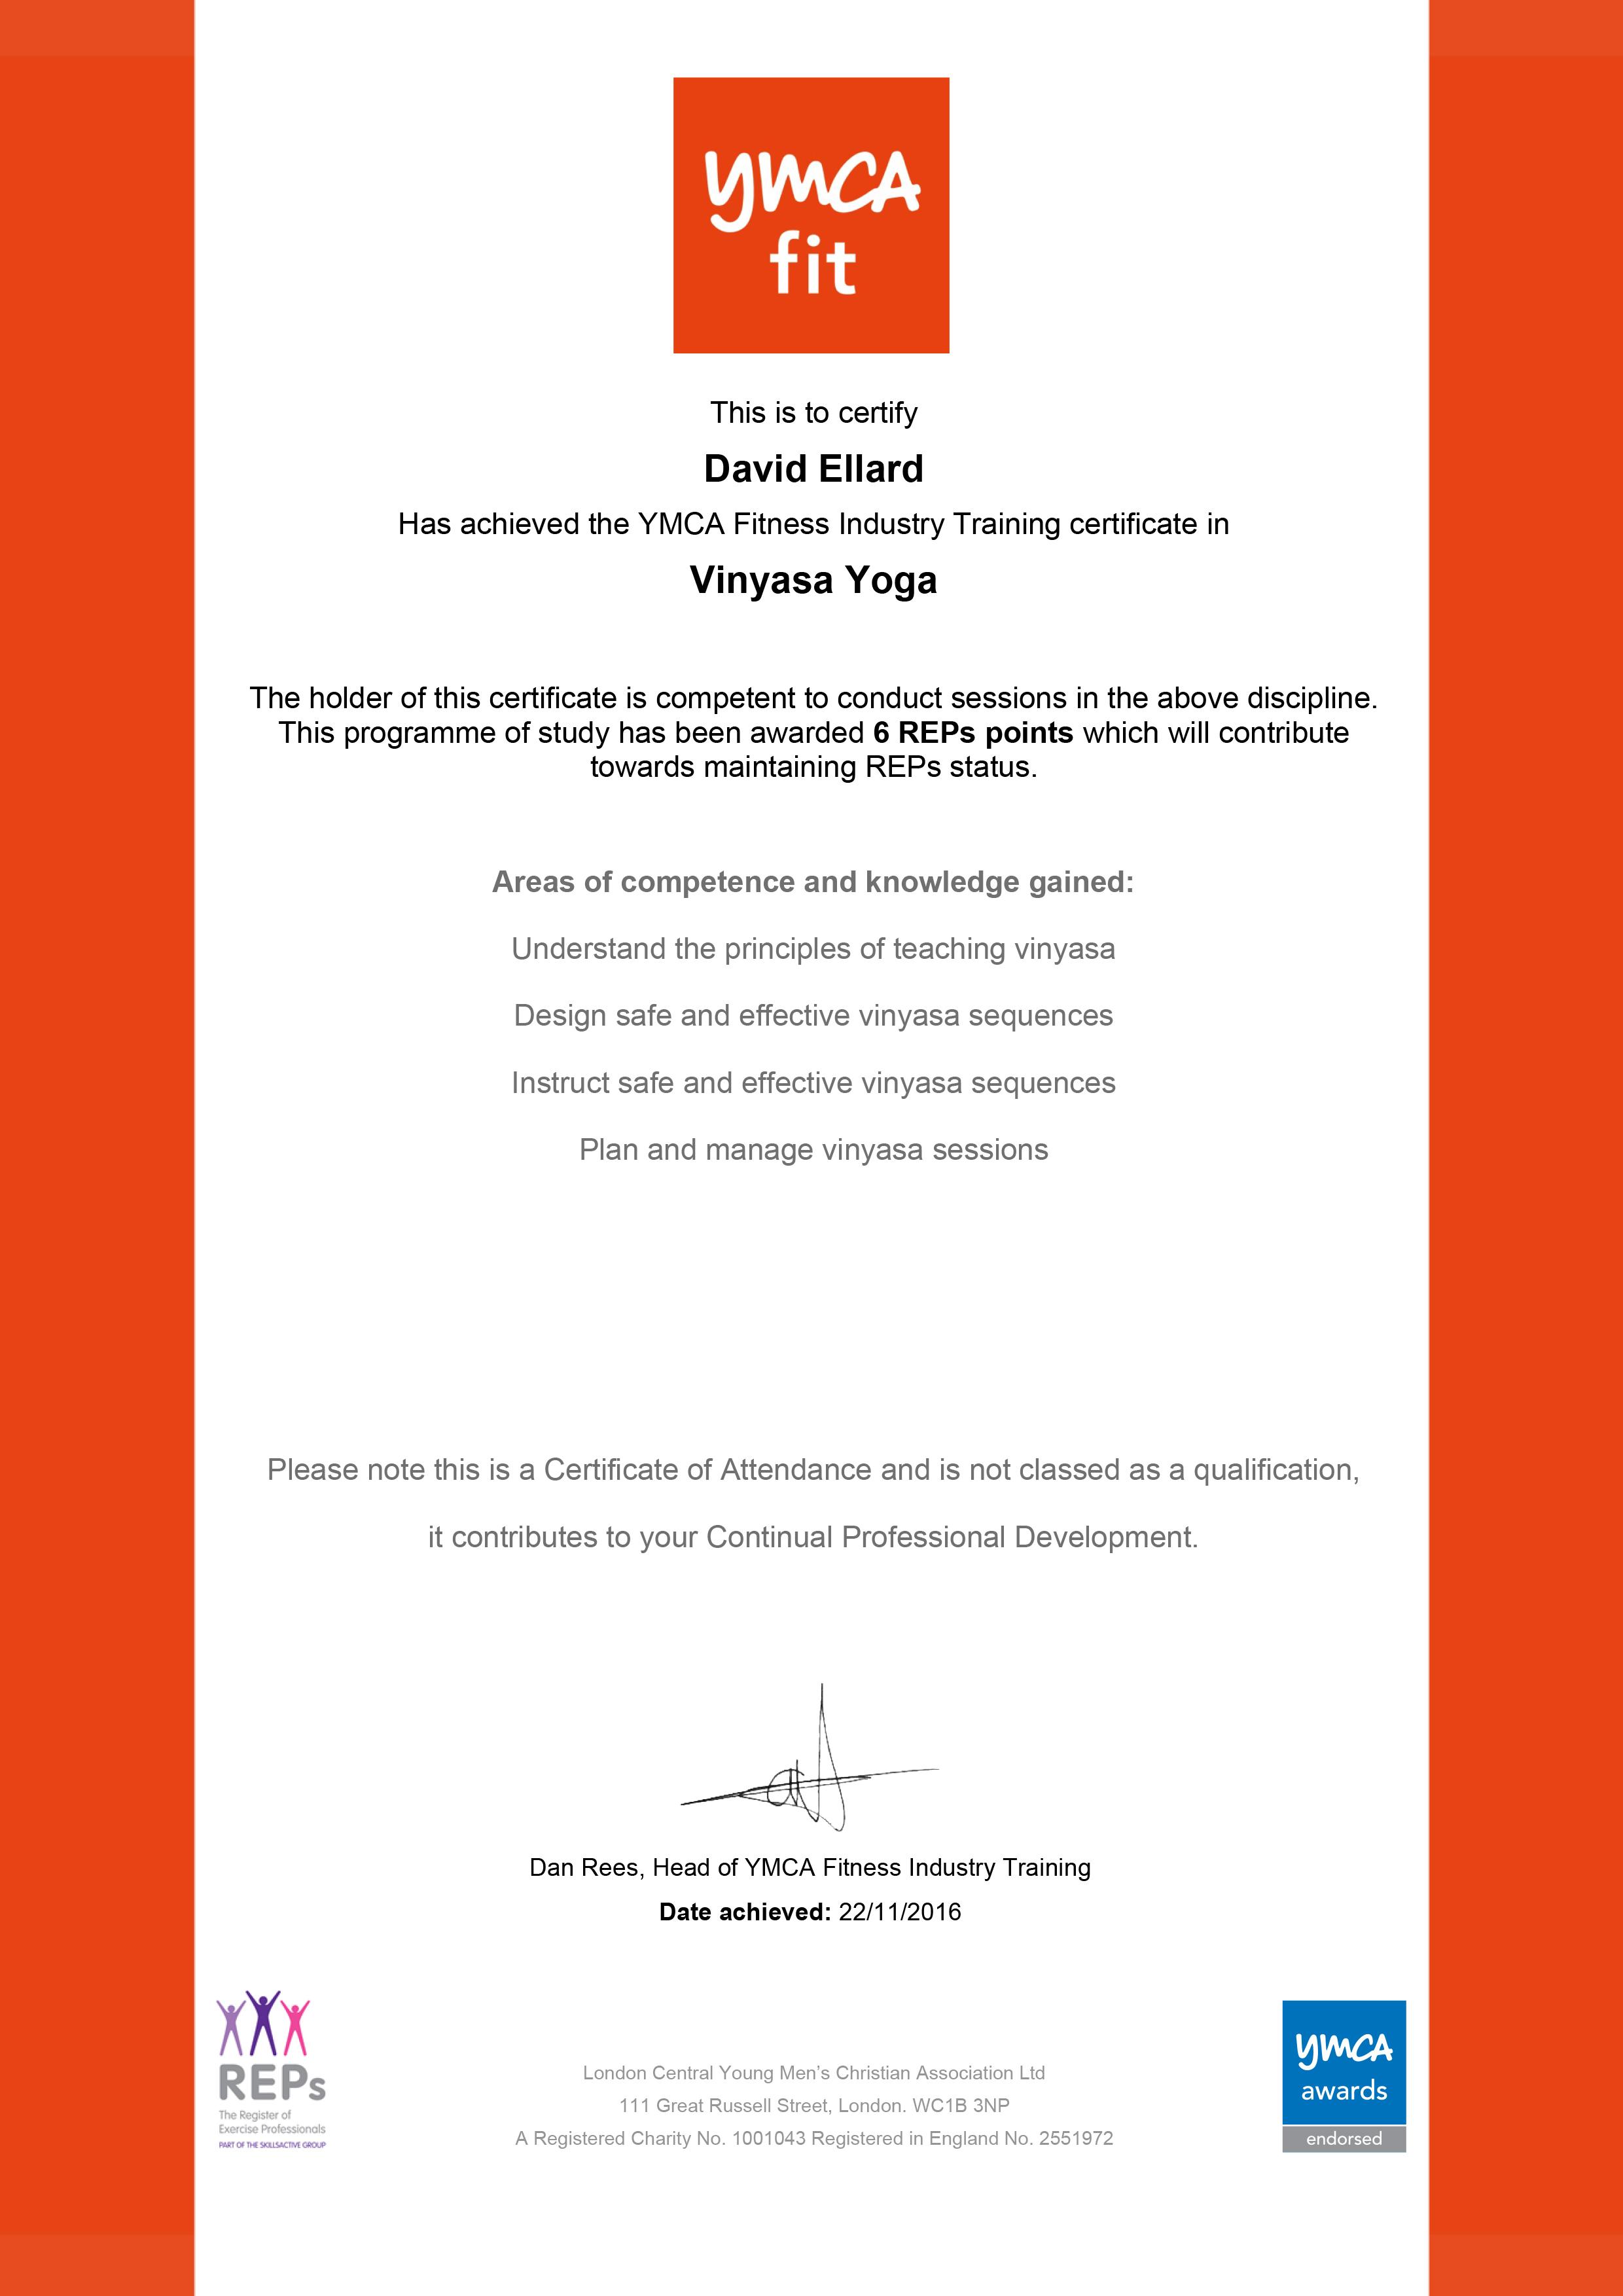 David_Ellard_Vinyasa_Certificate